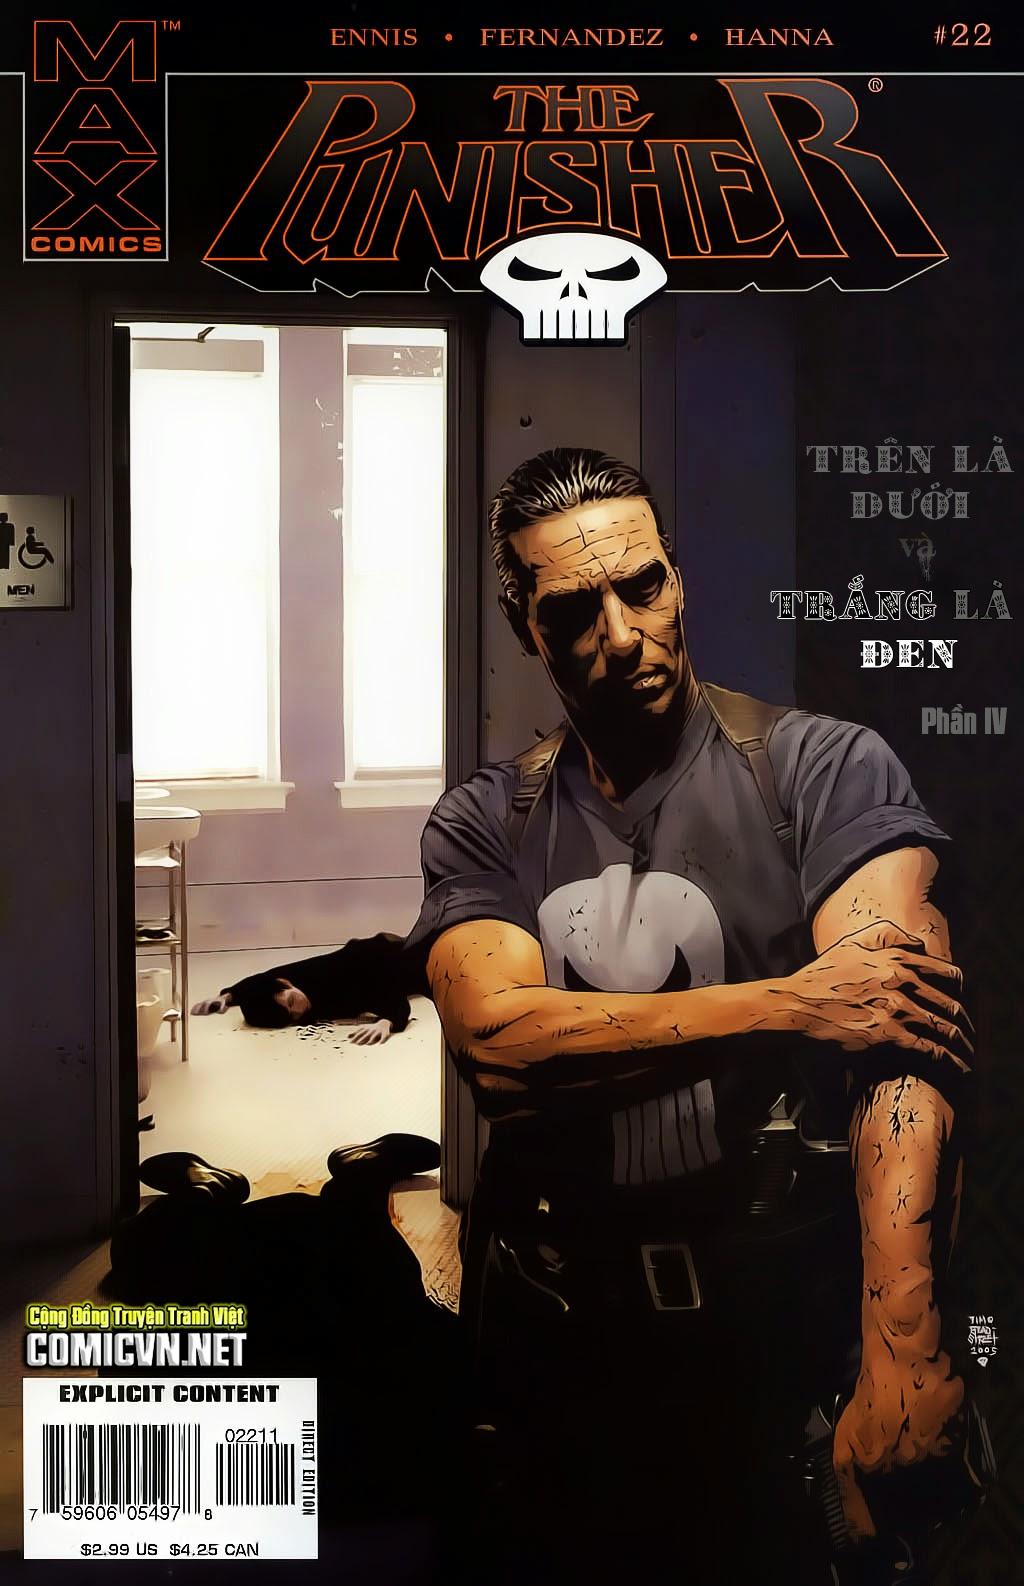 The Punisher: Trên là Dưới & Trắng là Đen chap 4 - Trang 1